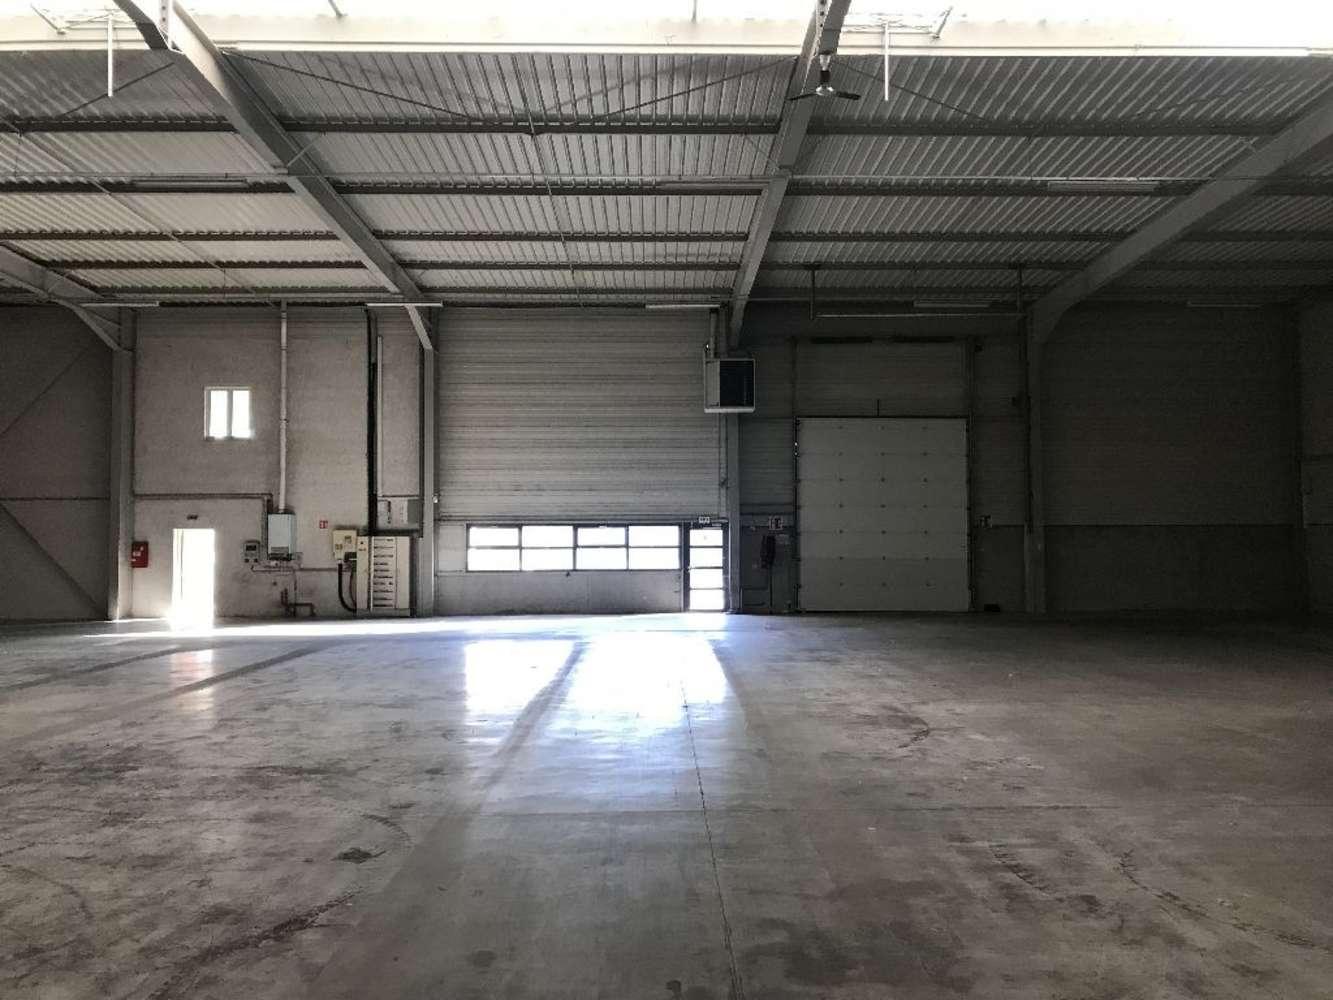 Activités/entrepôt Genas, 69740 - ENTREPOT À VENDRE LYON / GENAS - 10026834